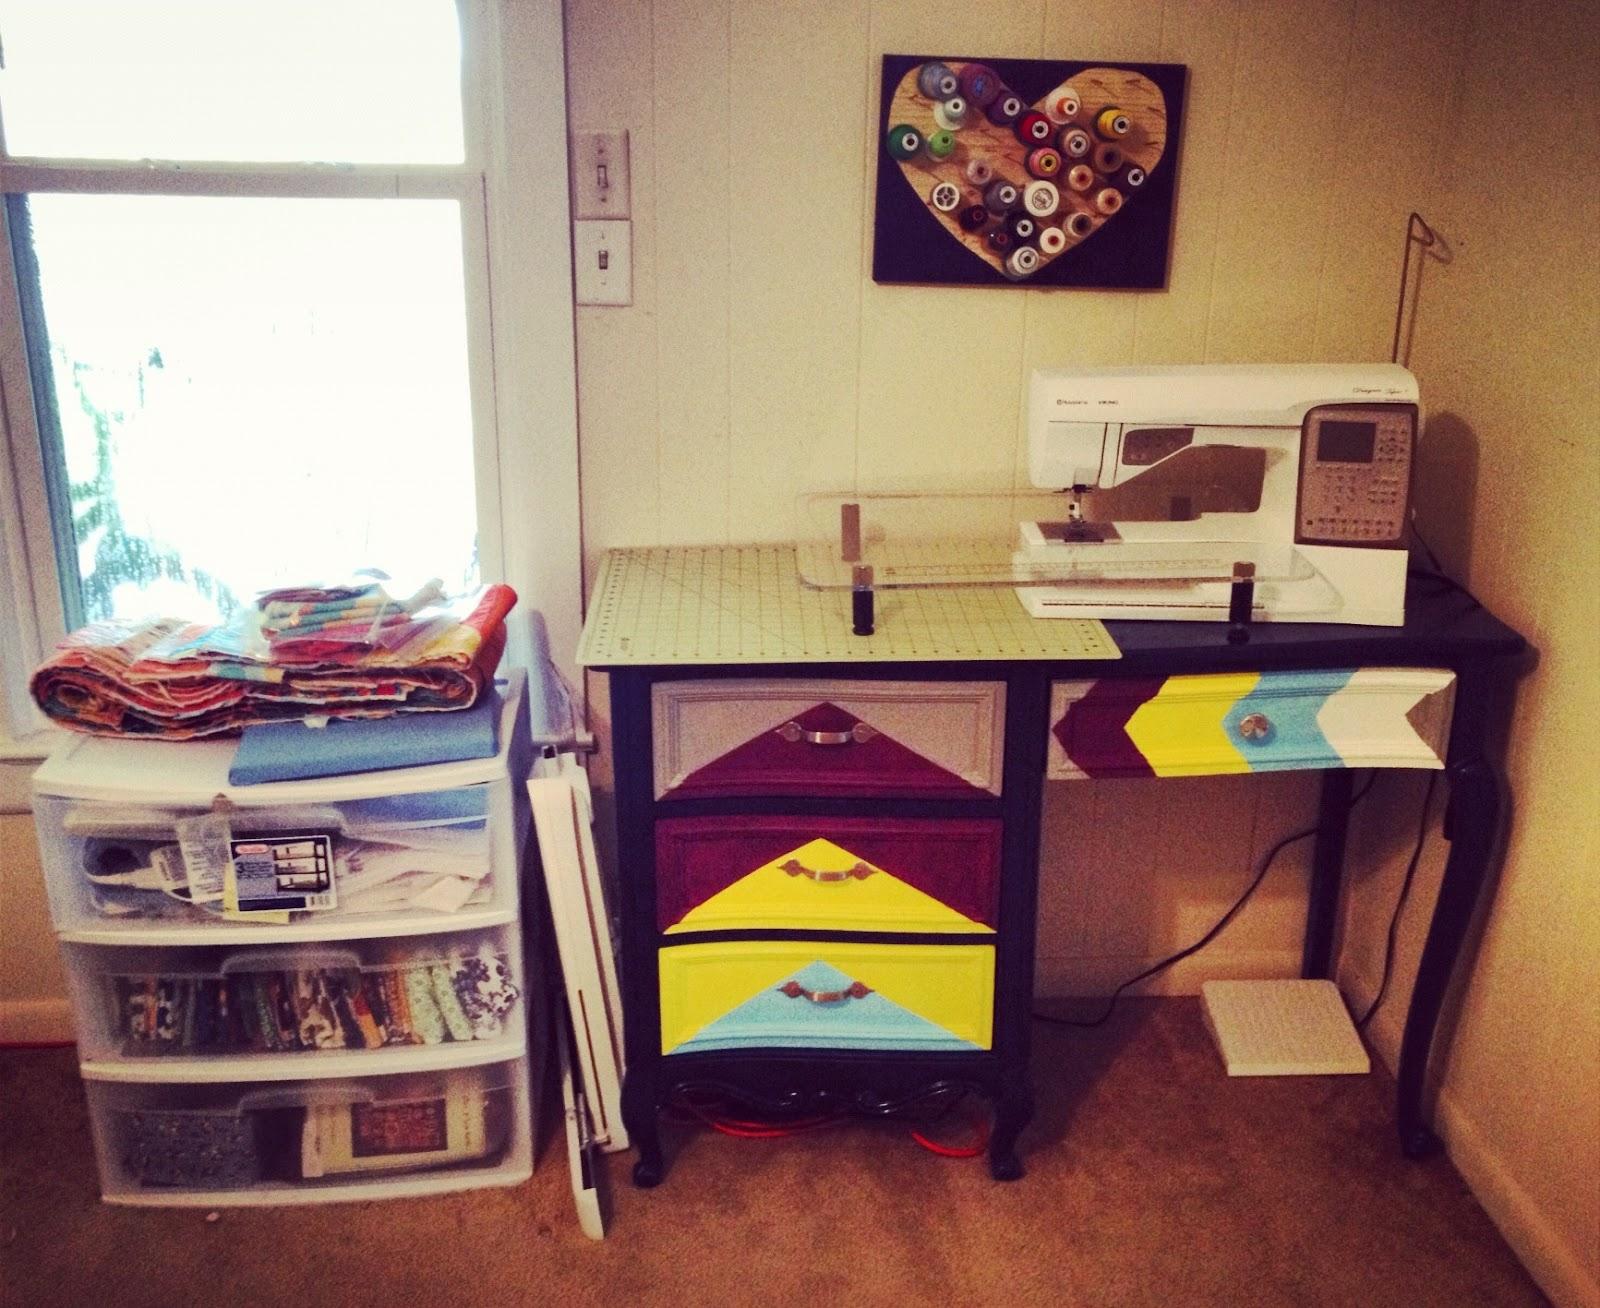 sewing machine rentals near me